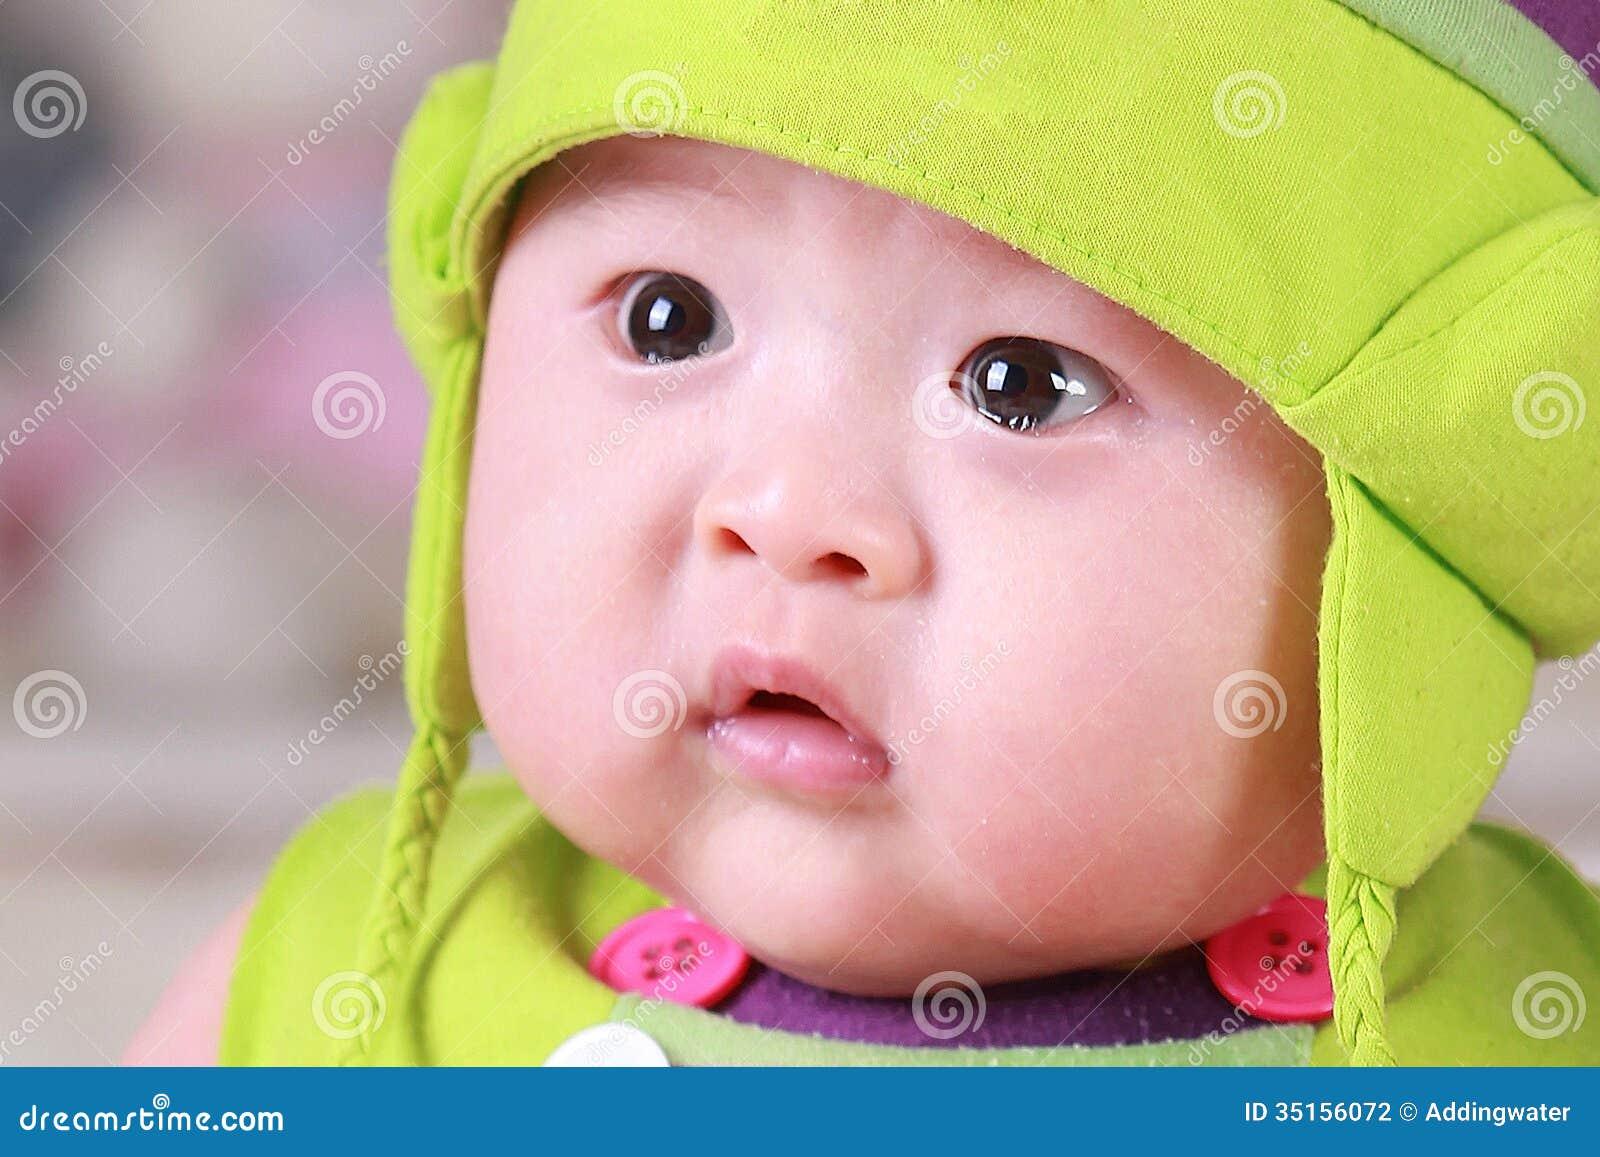 Vieux Bébé Asiatique De Trois Mois Mignon Heureux Photo Stock